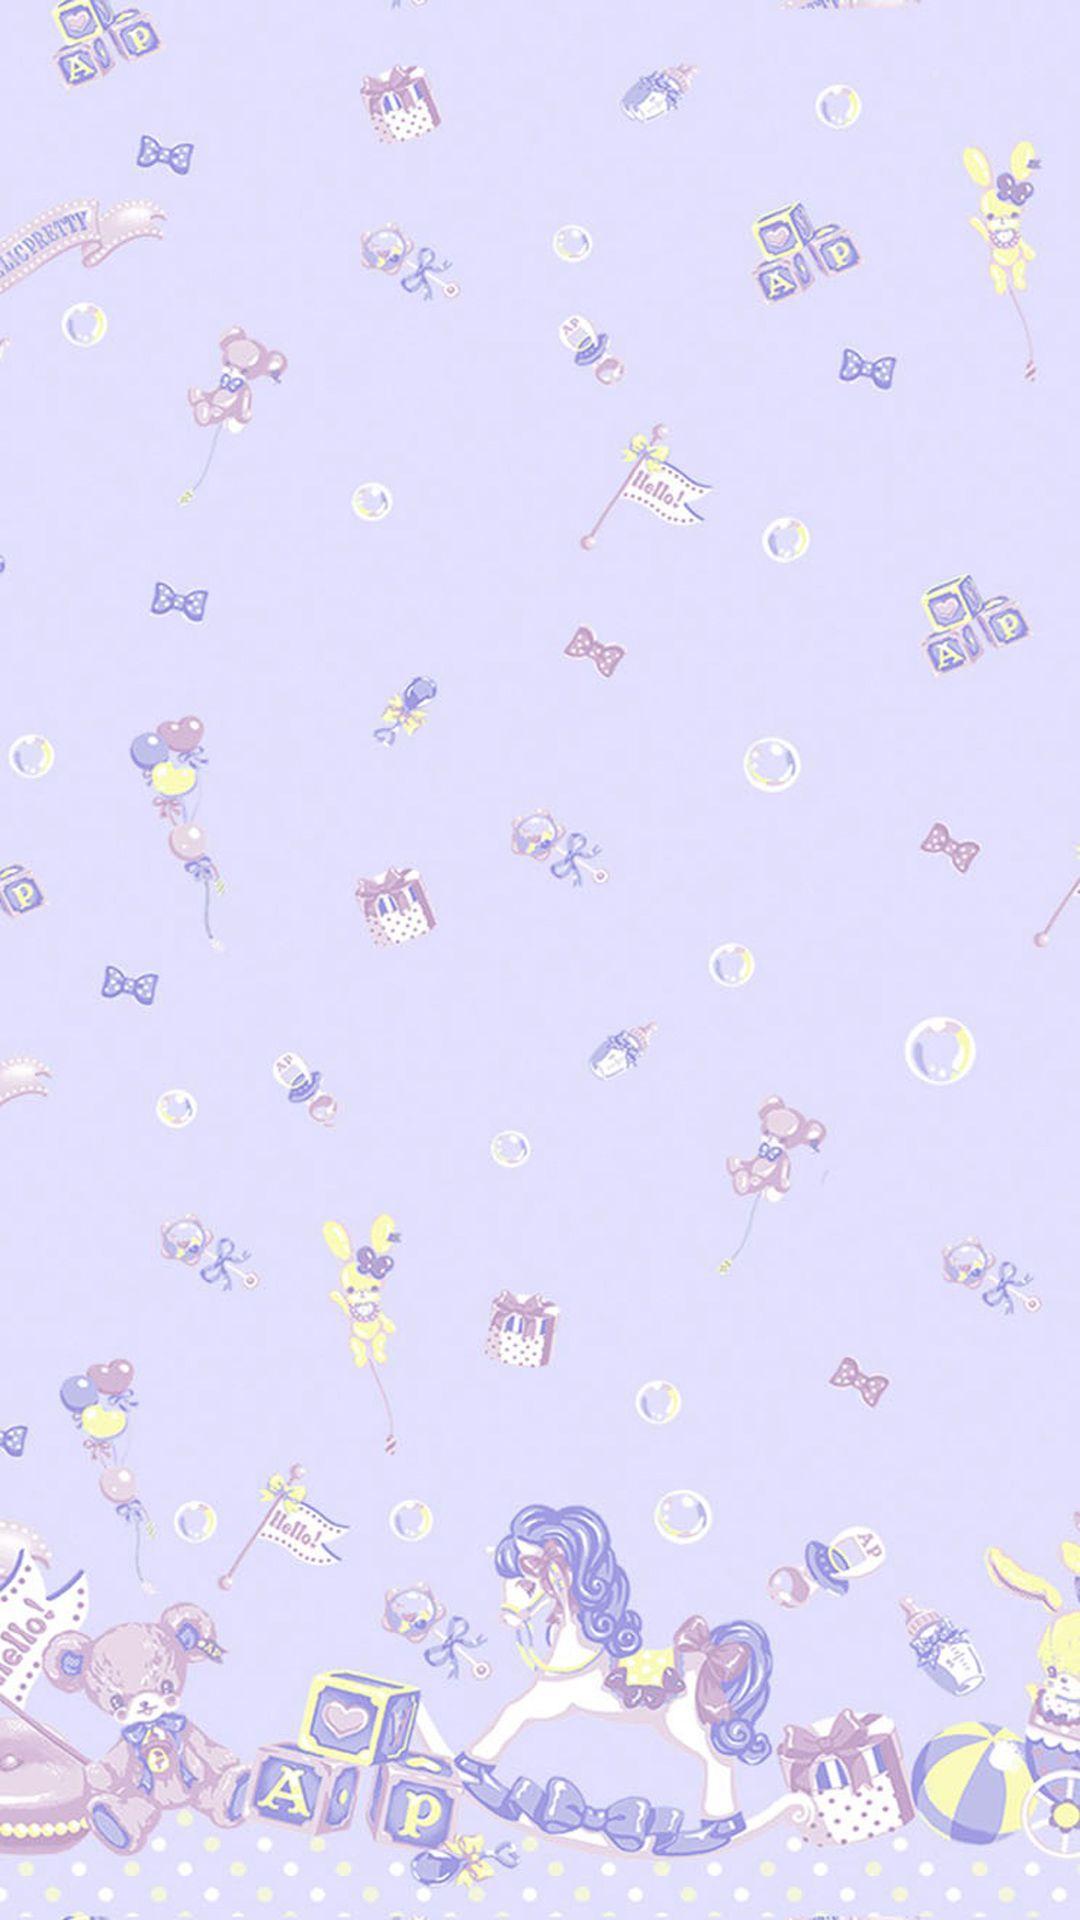 ゆめ かわいい 壁紙 Iphone6